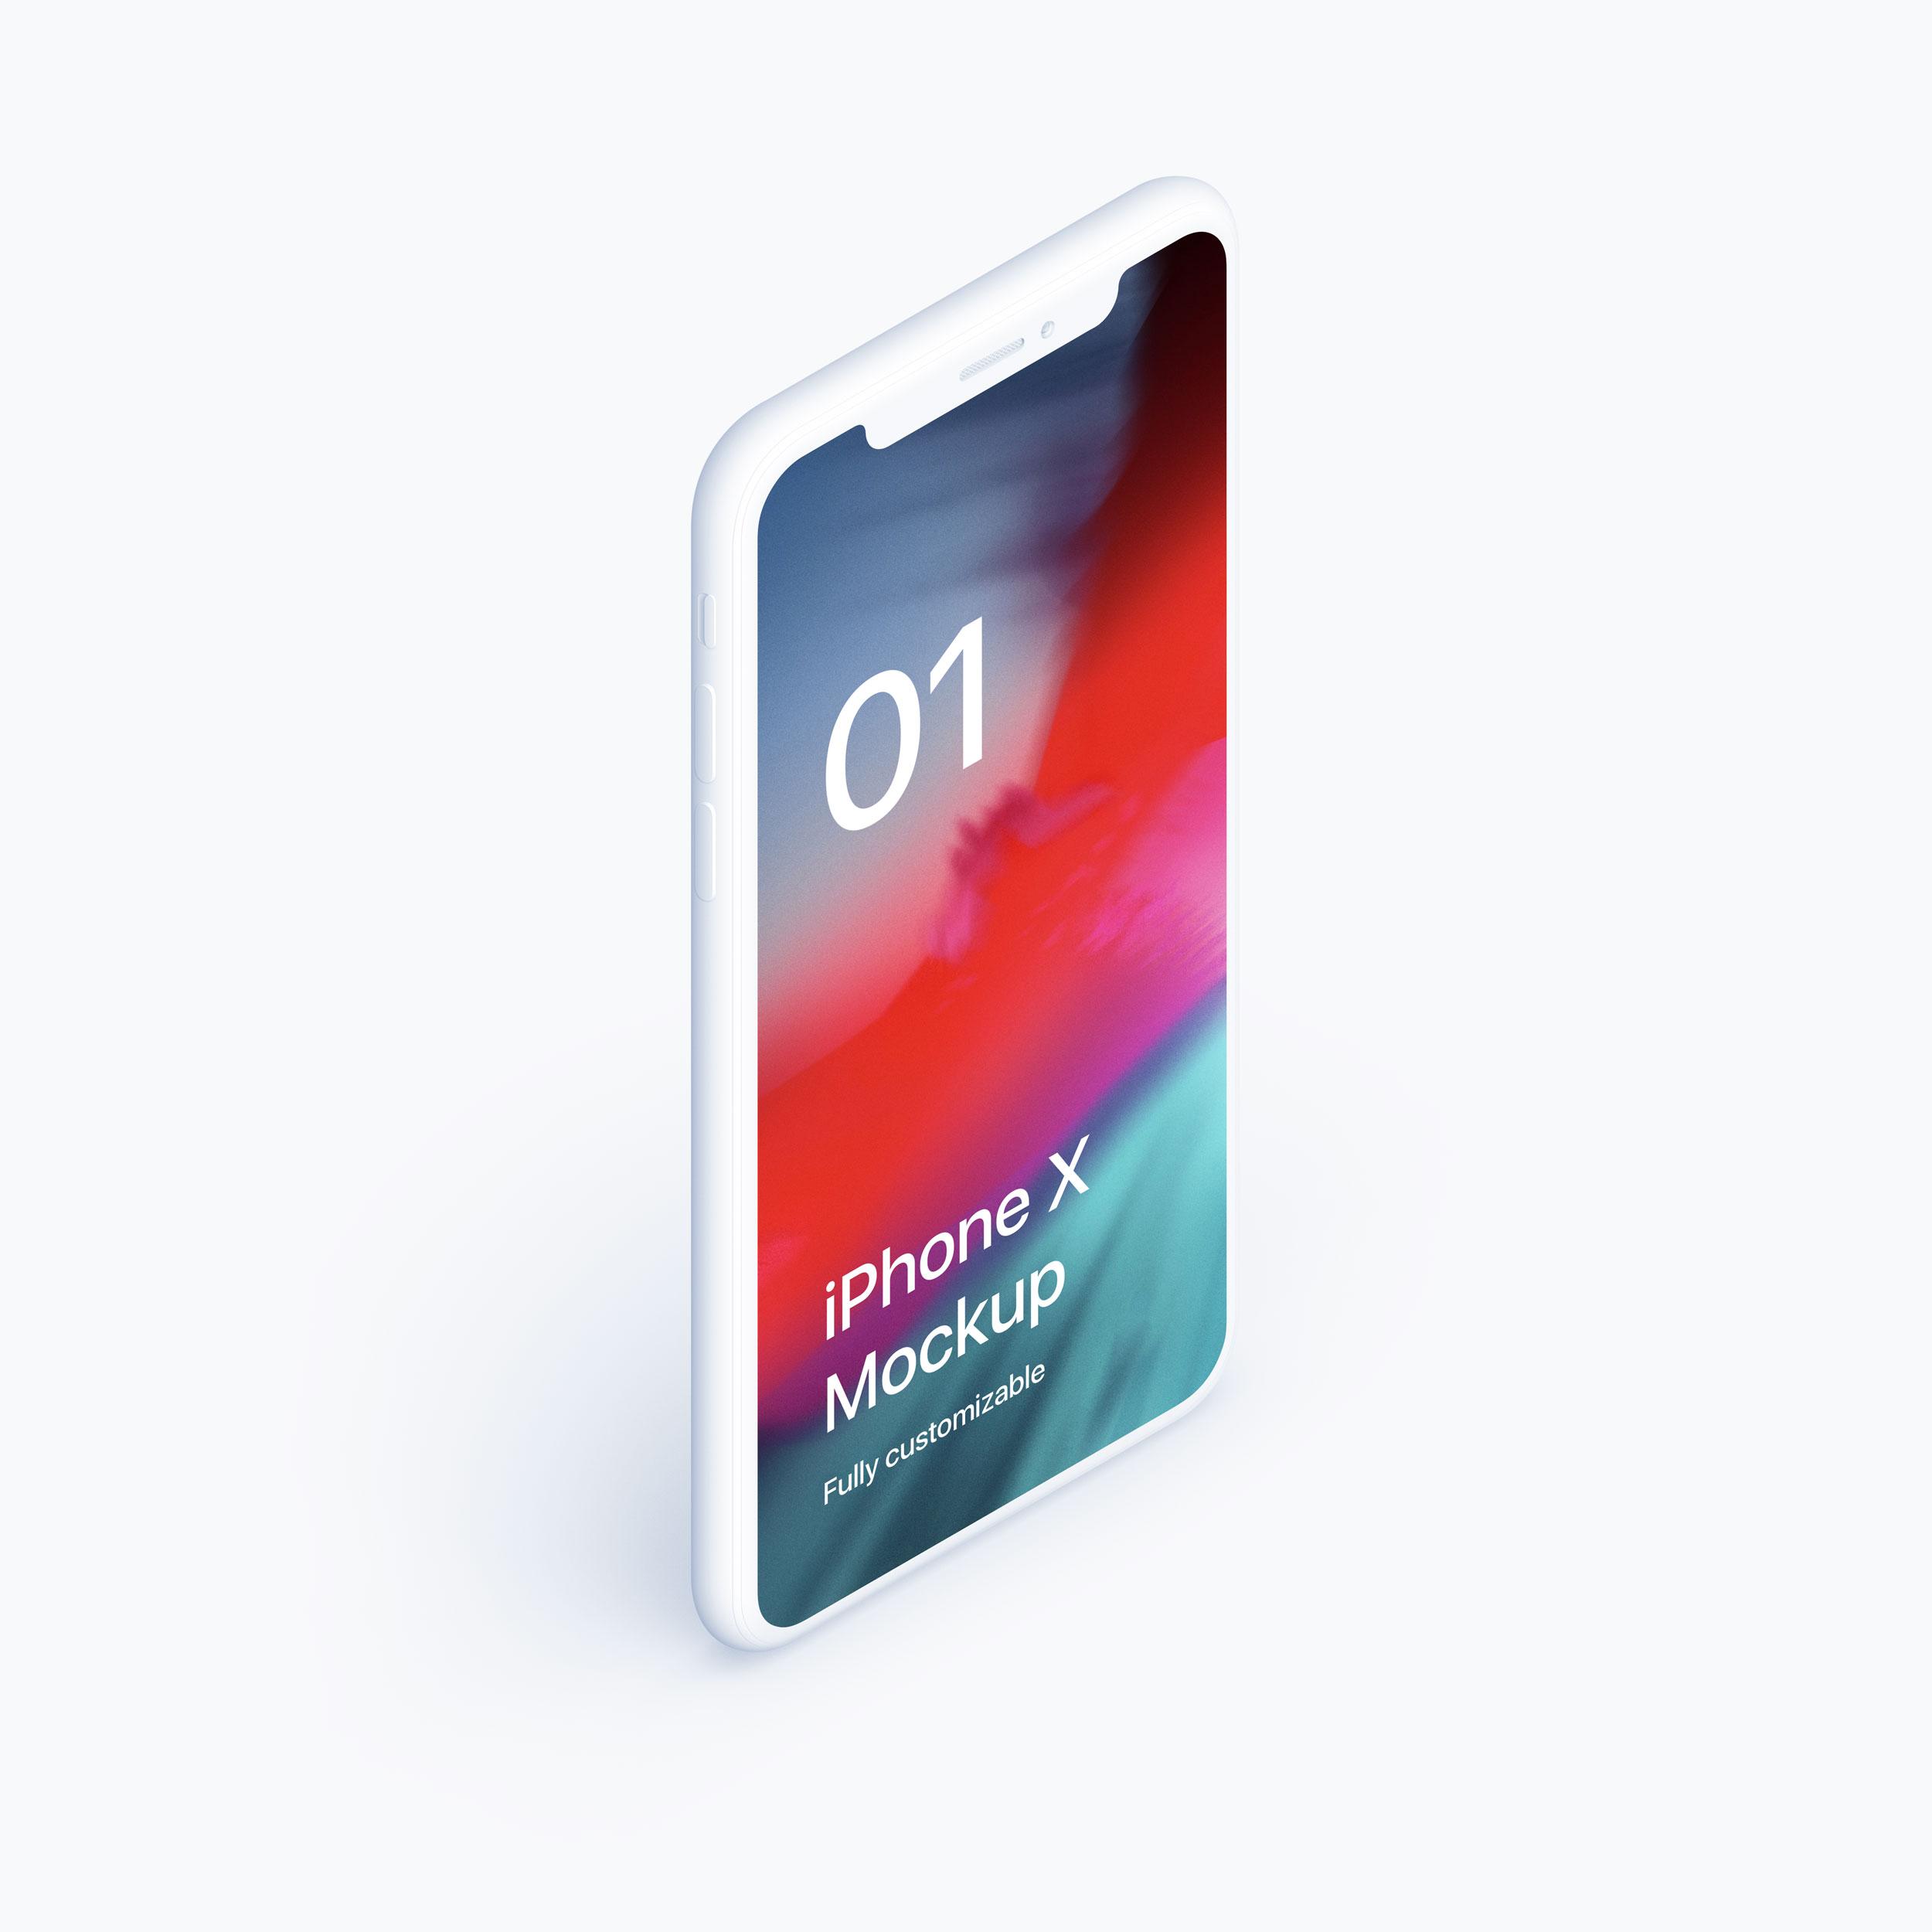 59b6c1ca1ecee38 - 苹果iPhoneX UI样机